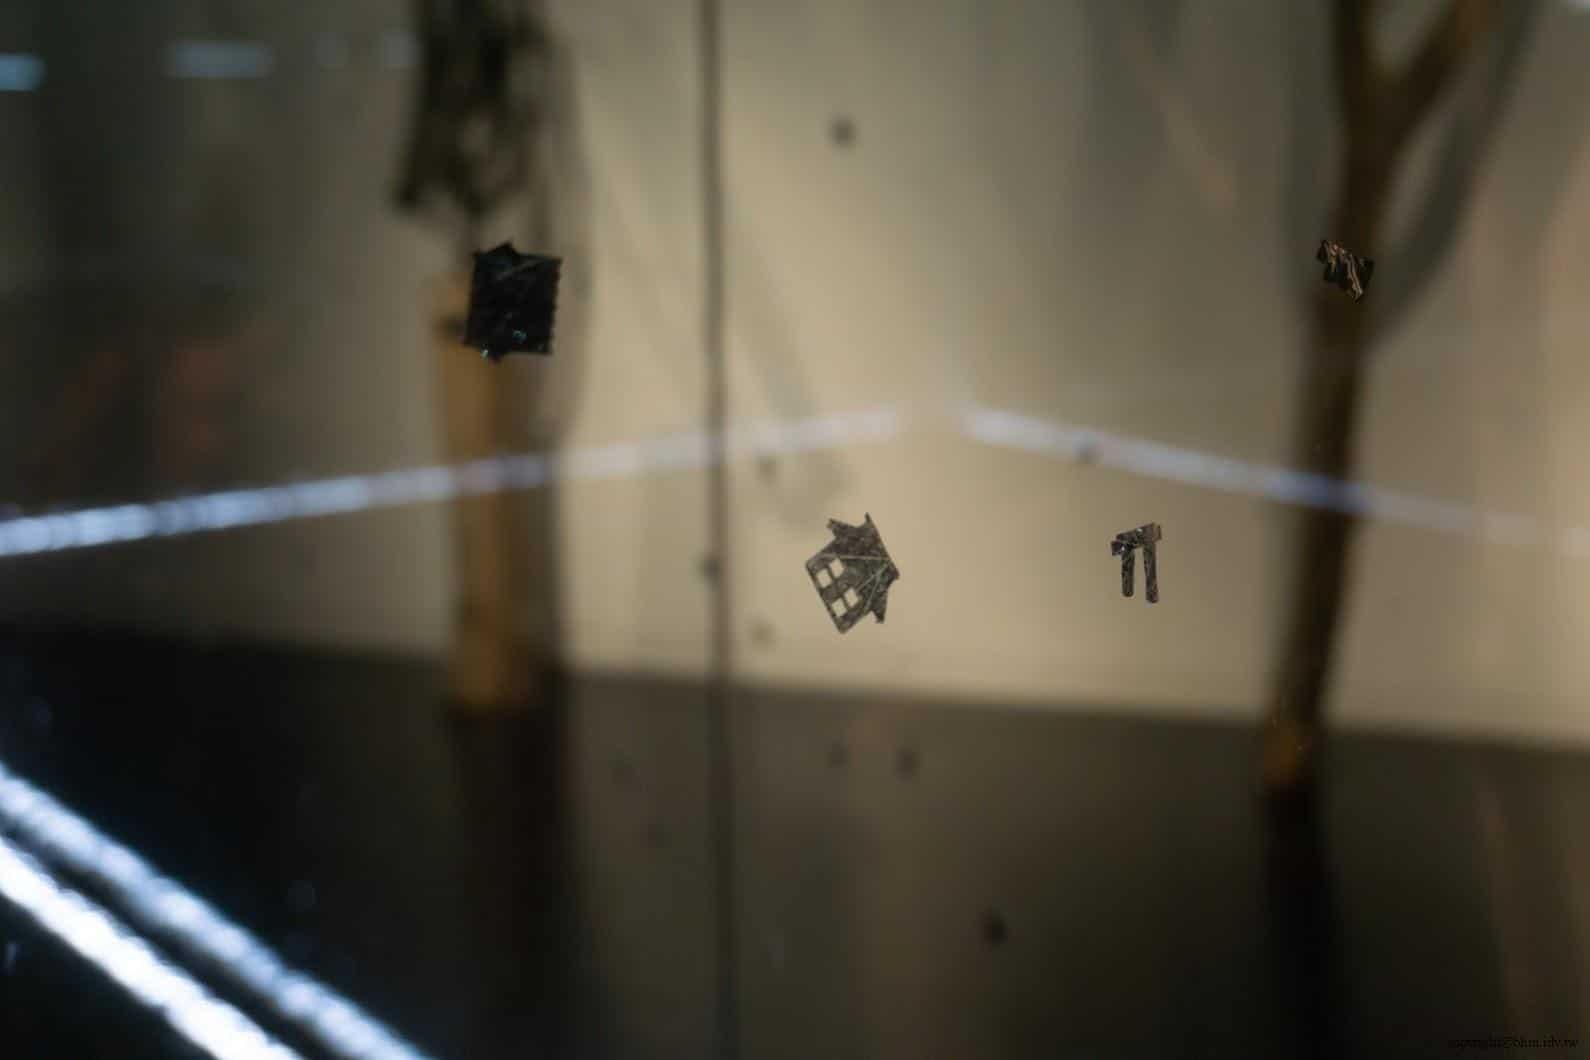 原廣司+ATELIER建築研究所,越後妻有里山現代美術館,古巴藝術家Carlos Garaicoa(カルロス・ガライコア)的作品《浮遊》,在玻璃箱內紙屑被風吹起時所形成空間分子擾動有趣的視覺景象;紙屑細看是一棟房子的剪紙 越後妻有里山現代美術館 越後妻有里山現代美術館 echigo tsumari kouryukan echigo tsumari exchange center 28